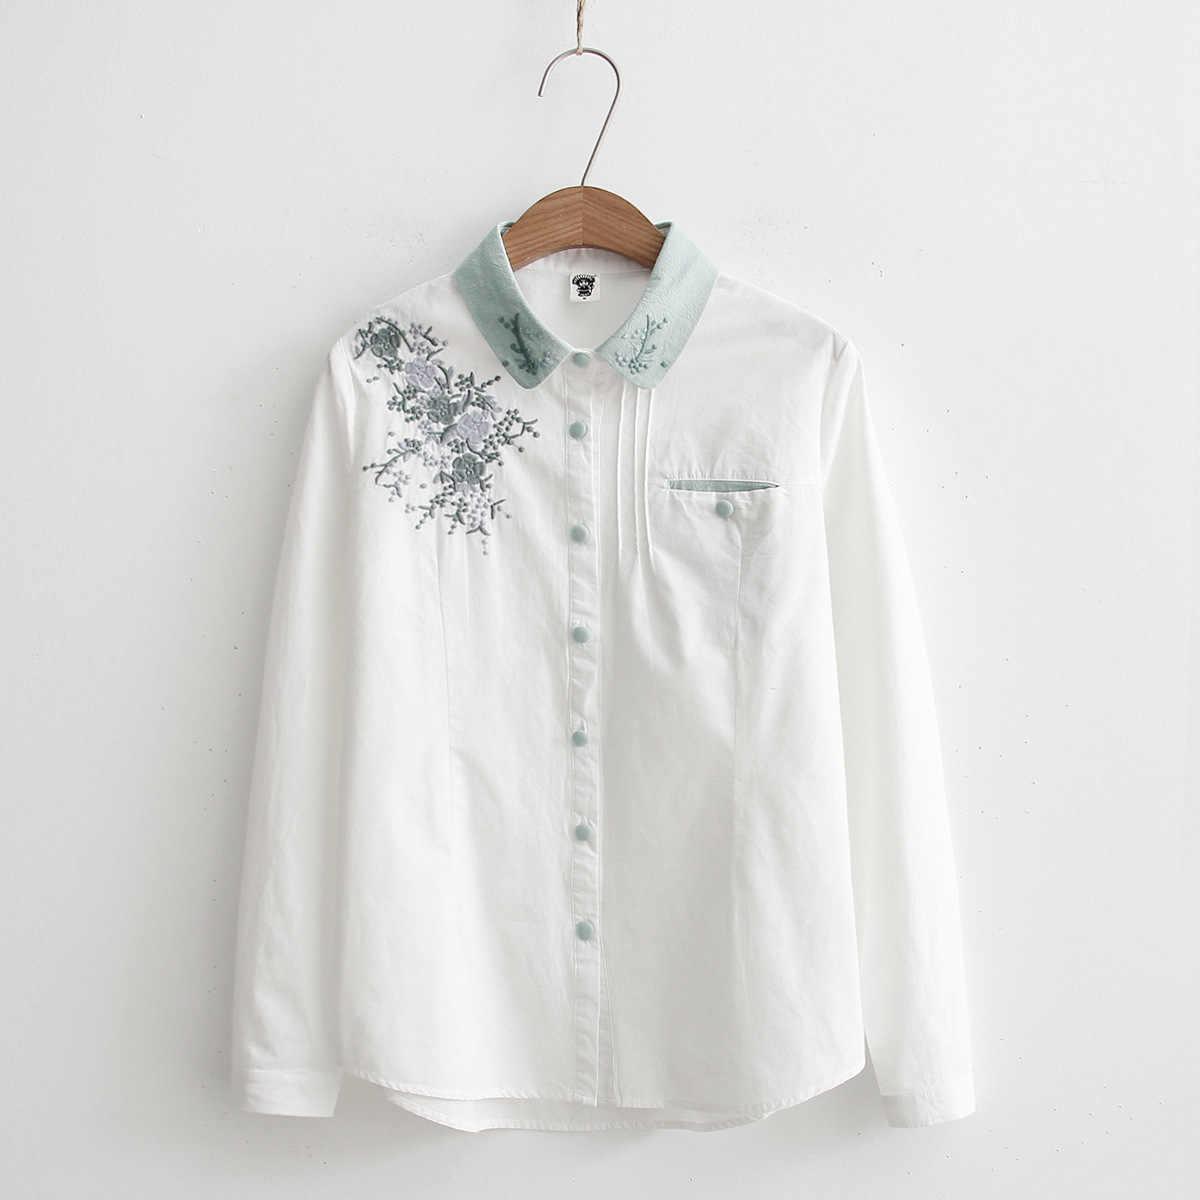 2506e86ef2d Для женщин блузки Цветочная вышивка  белый цвет женские Повседневное женские  Топы Рубашка с длинными рукавами